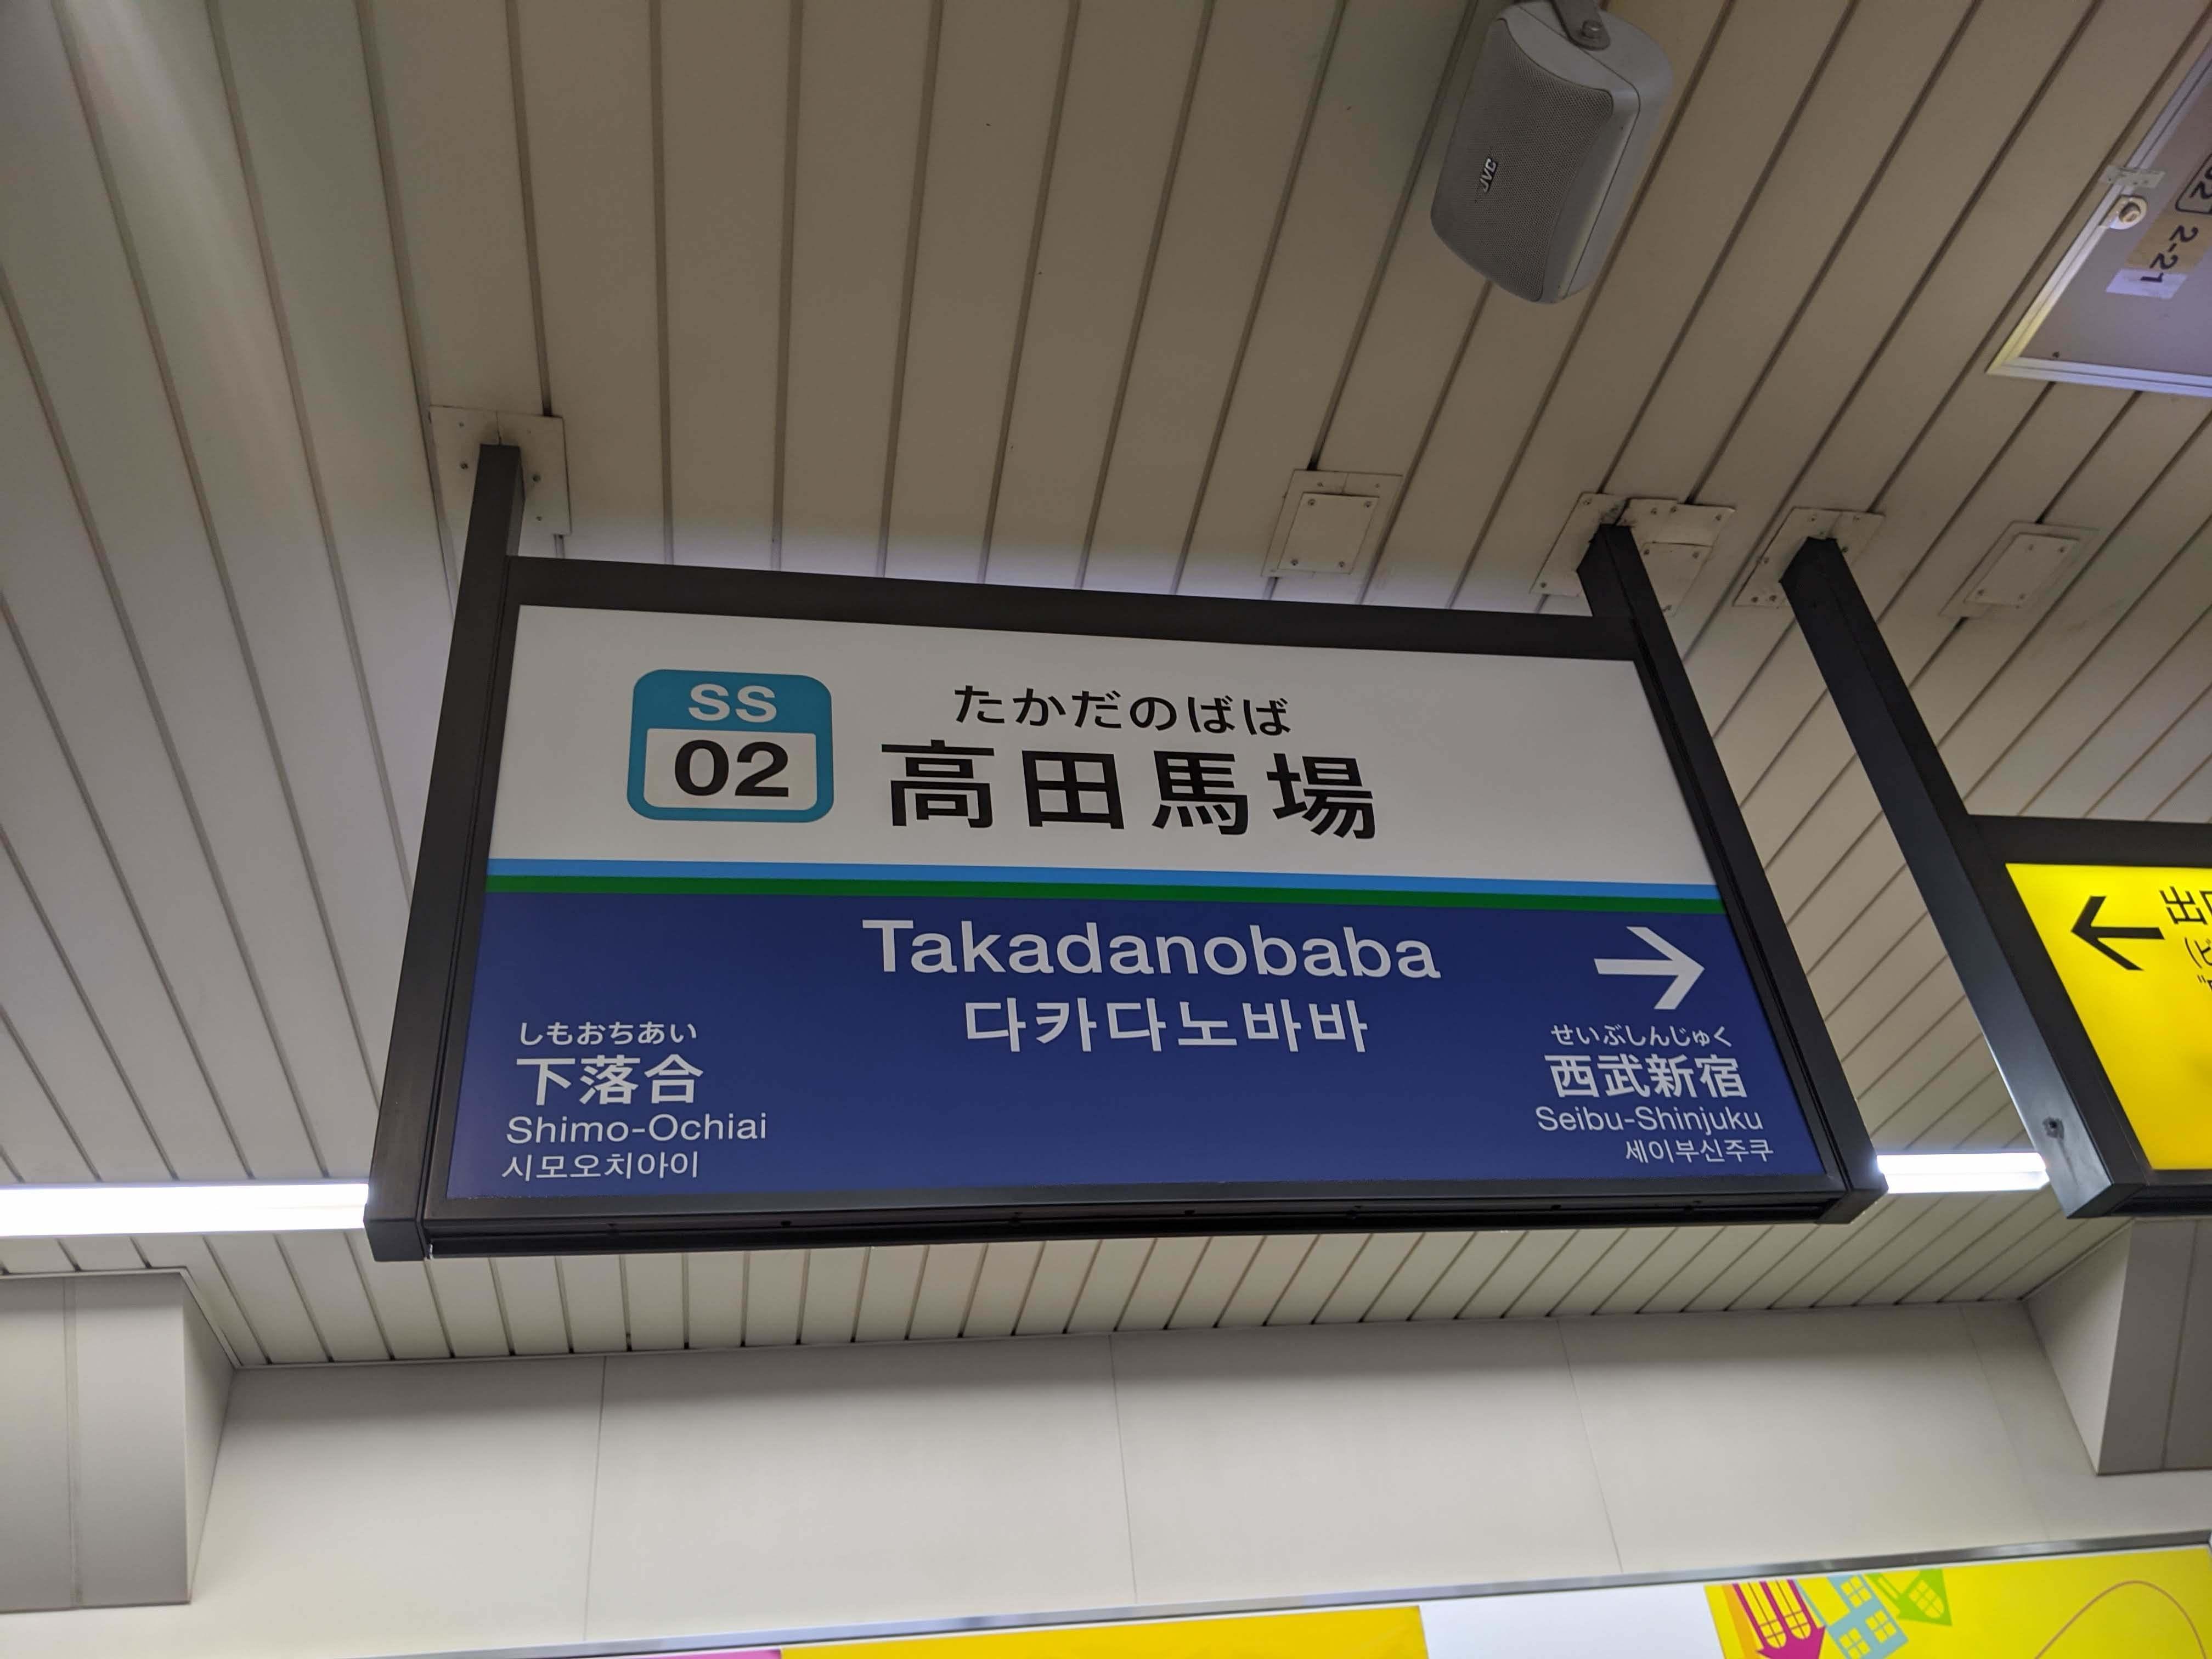 西武鉄道一日乗車券の旅【後編】_a0329563_16221223.jpg